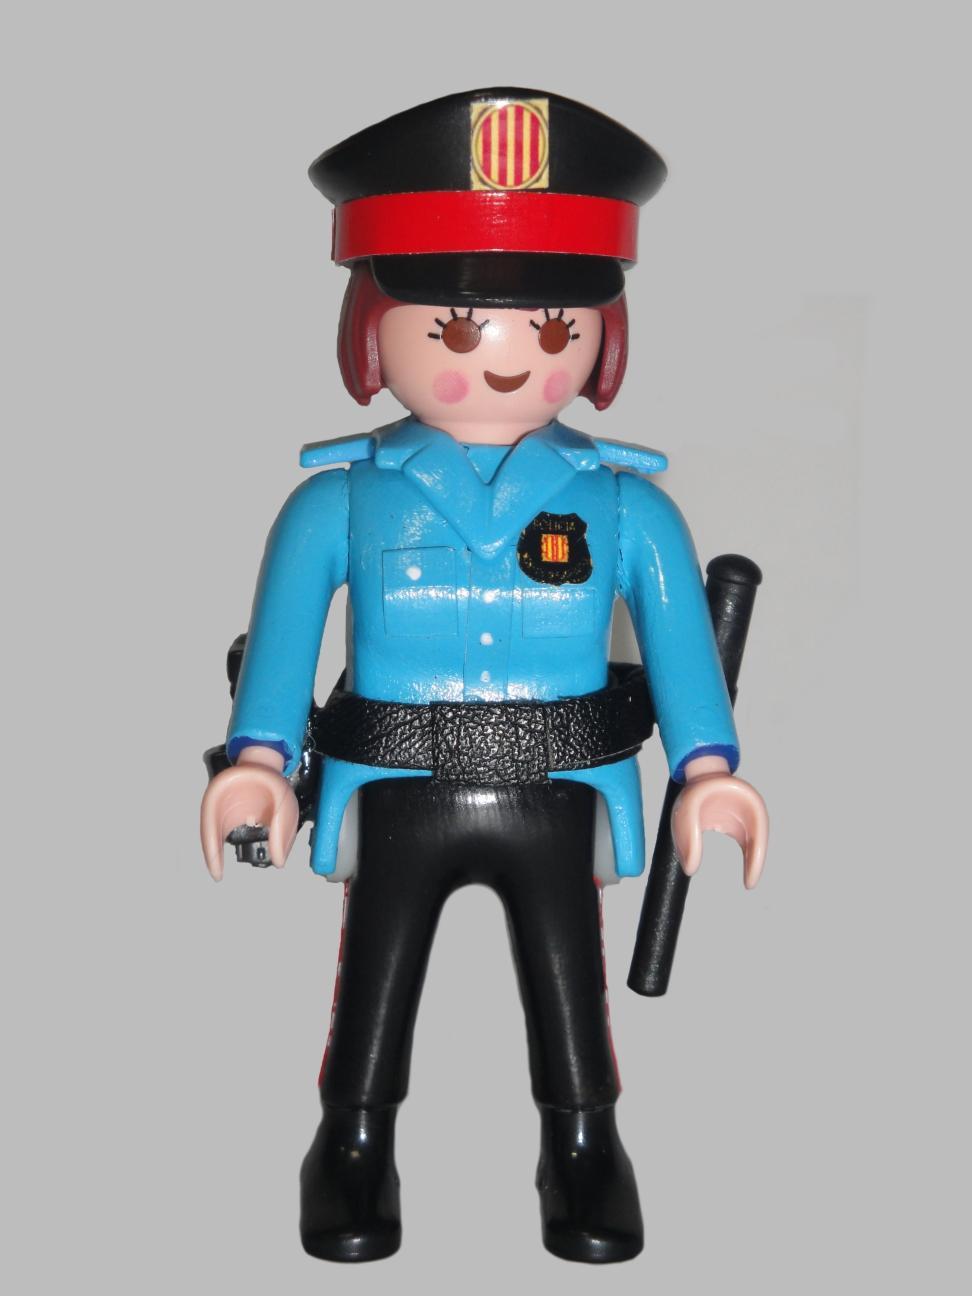 PLAYMOBIL PERSONALIZADO MOSSOS D´ESQUADRA POLICÍA DE CATALUÑA UNIFORME AÑOS 90 MUJER